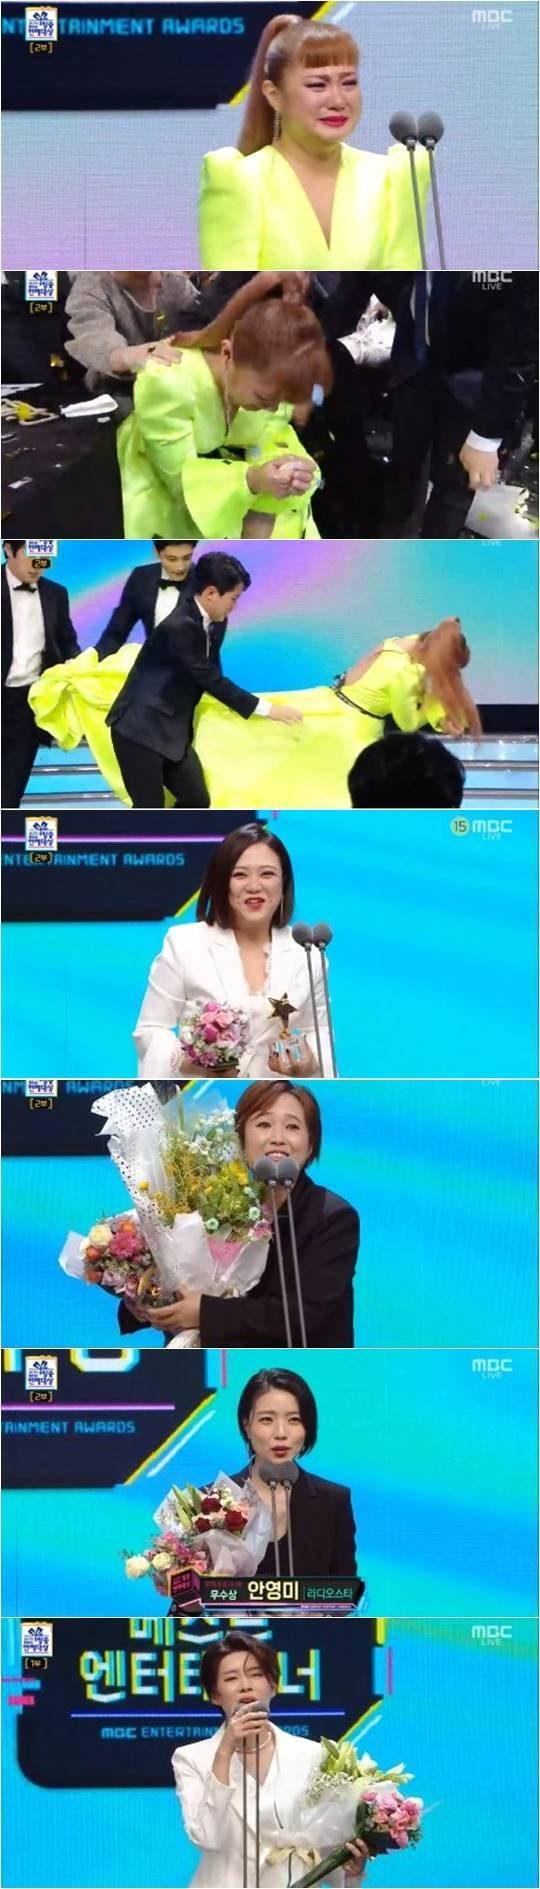 29일 저녁에 시작해 30일 자정 넘어서까지 방영된 MBC '2019 방송연예대상' 방송화면 캡처.